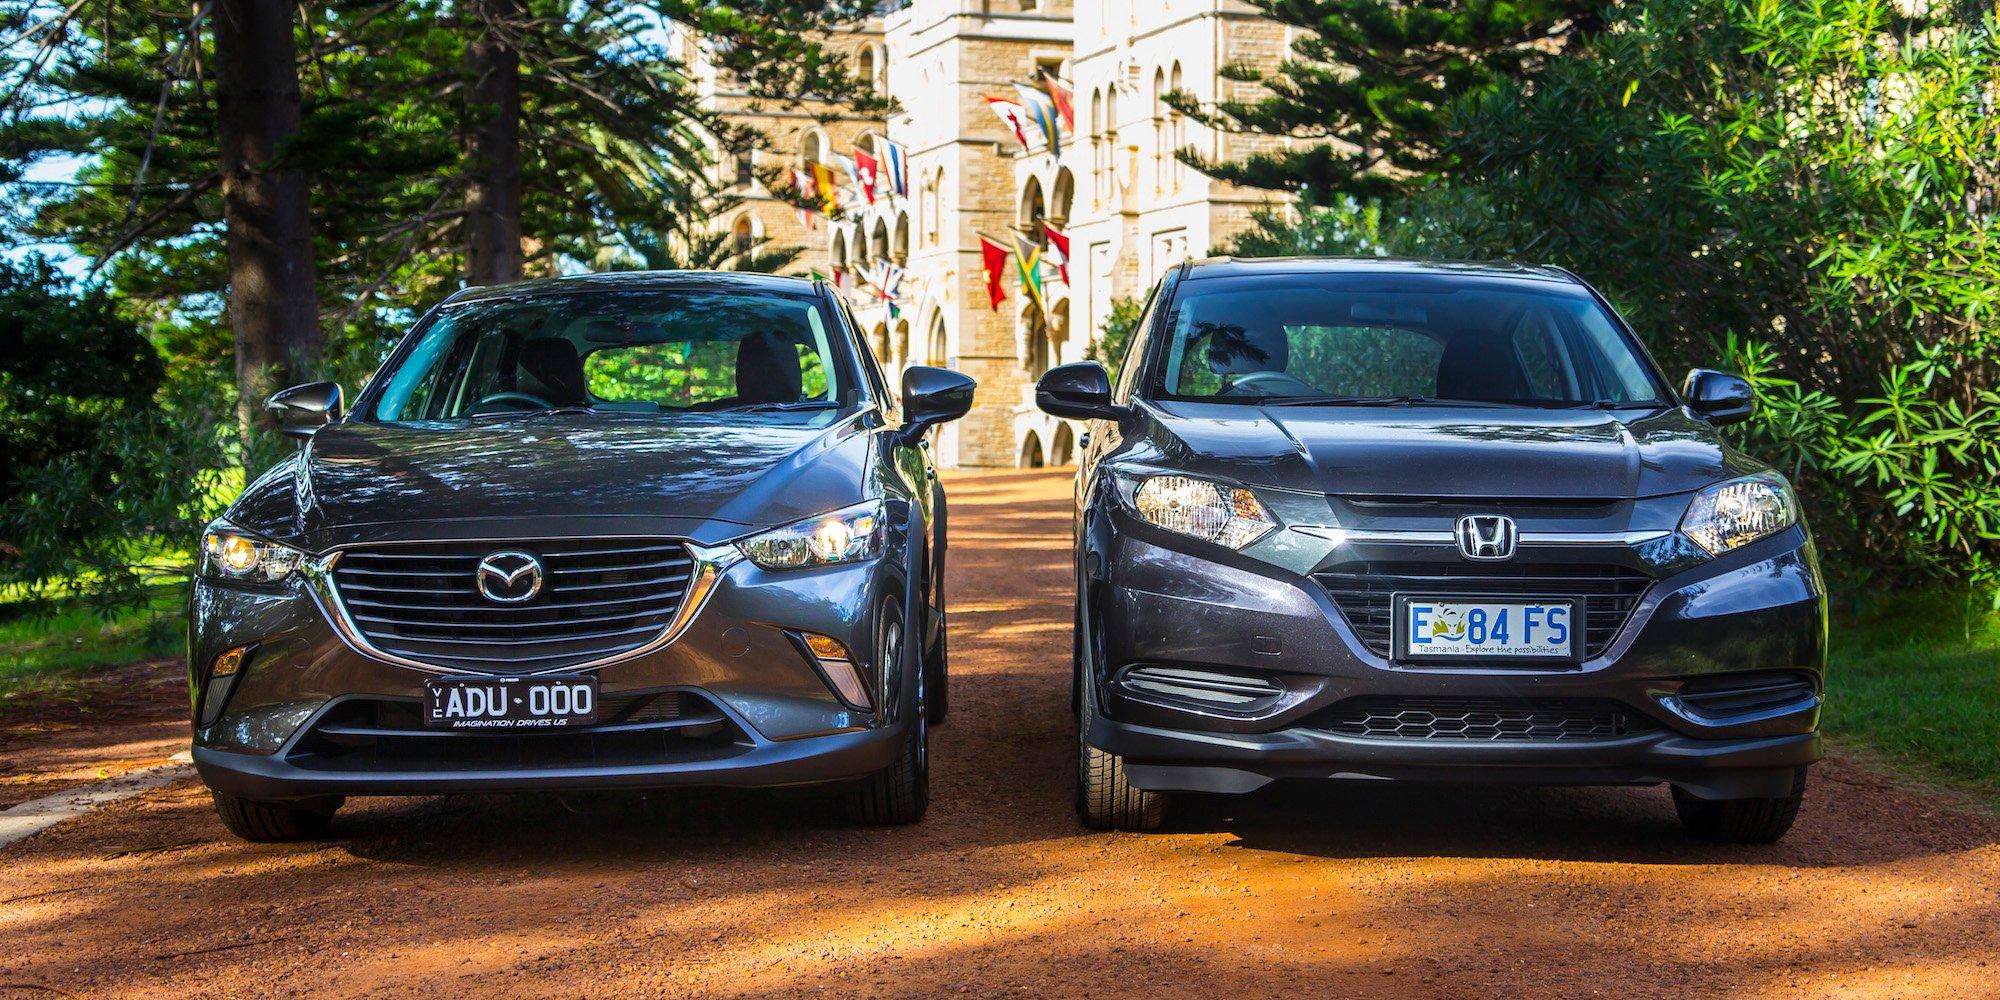 Honda Hr V Vti V Mazda Cx 3 Maxx Comparison Review Photos 1